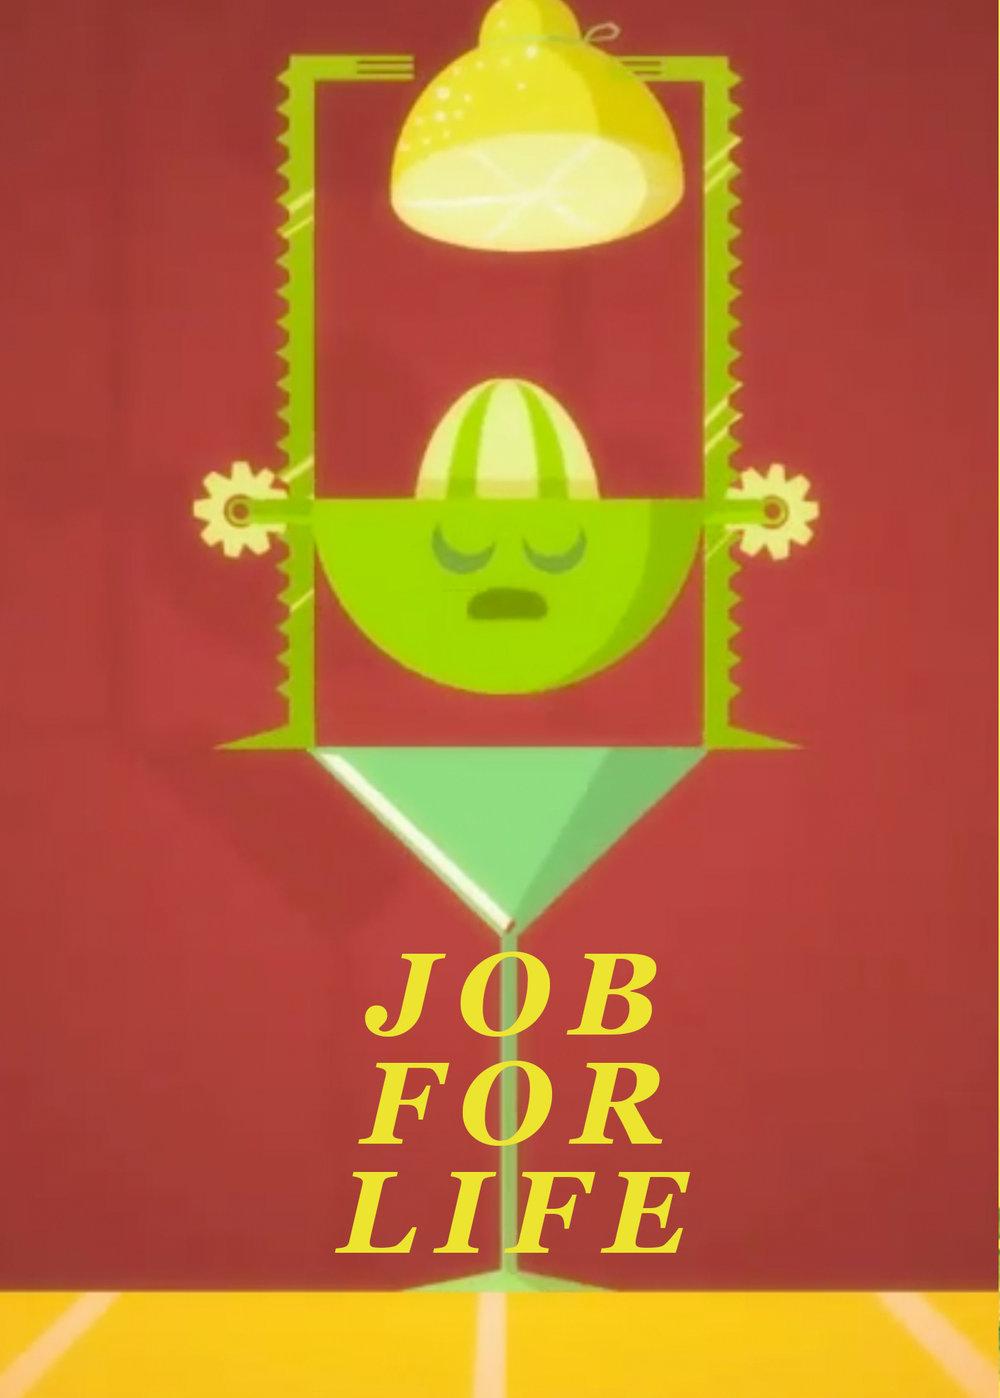 job_for_life.jpg